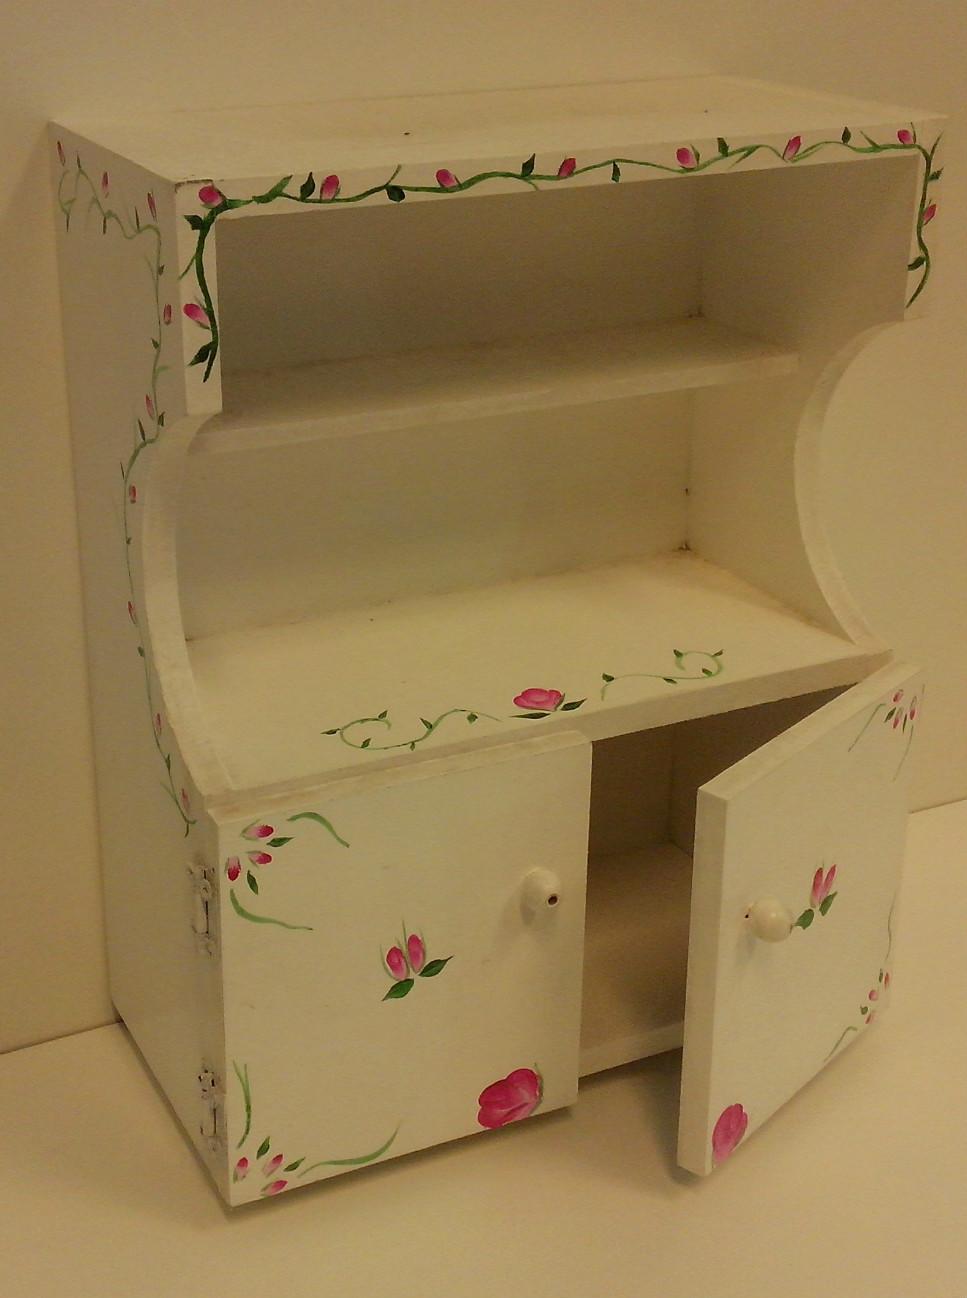 Muebles fibrofacil para pintar obtenga ideas dise o de - Muebles en crudo para pintar ...